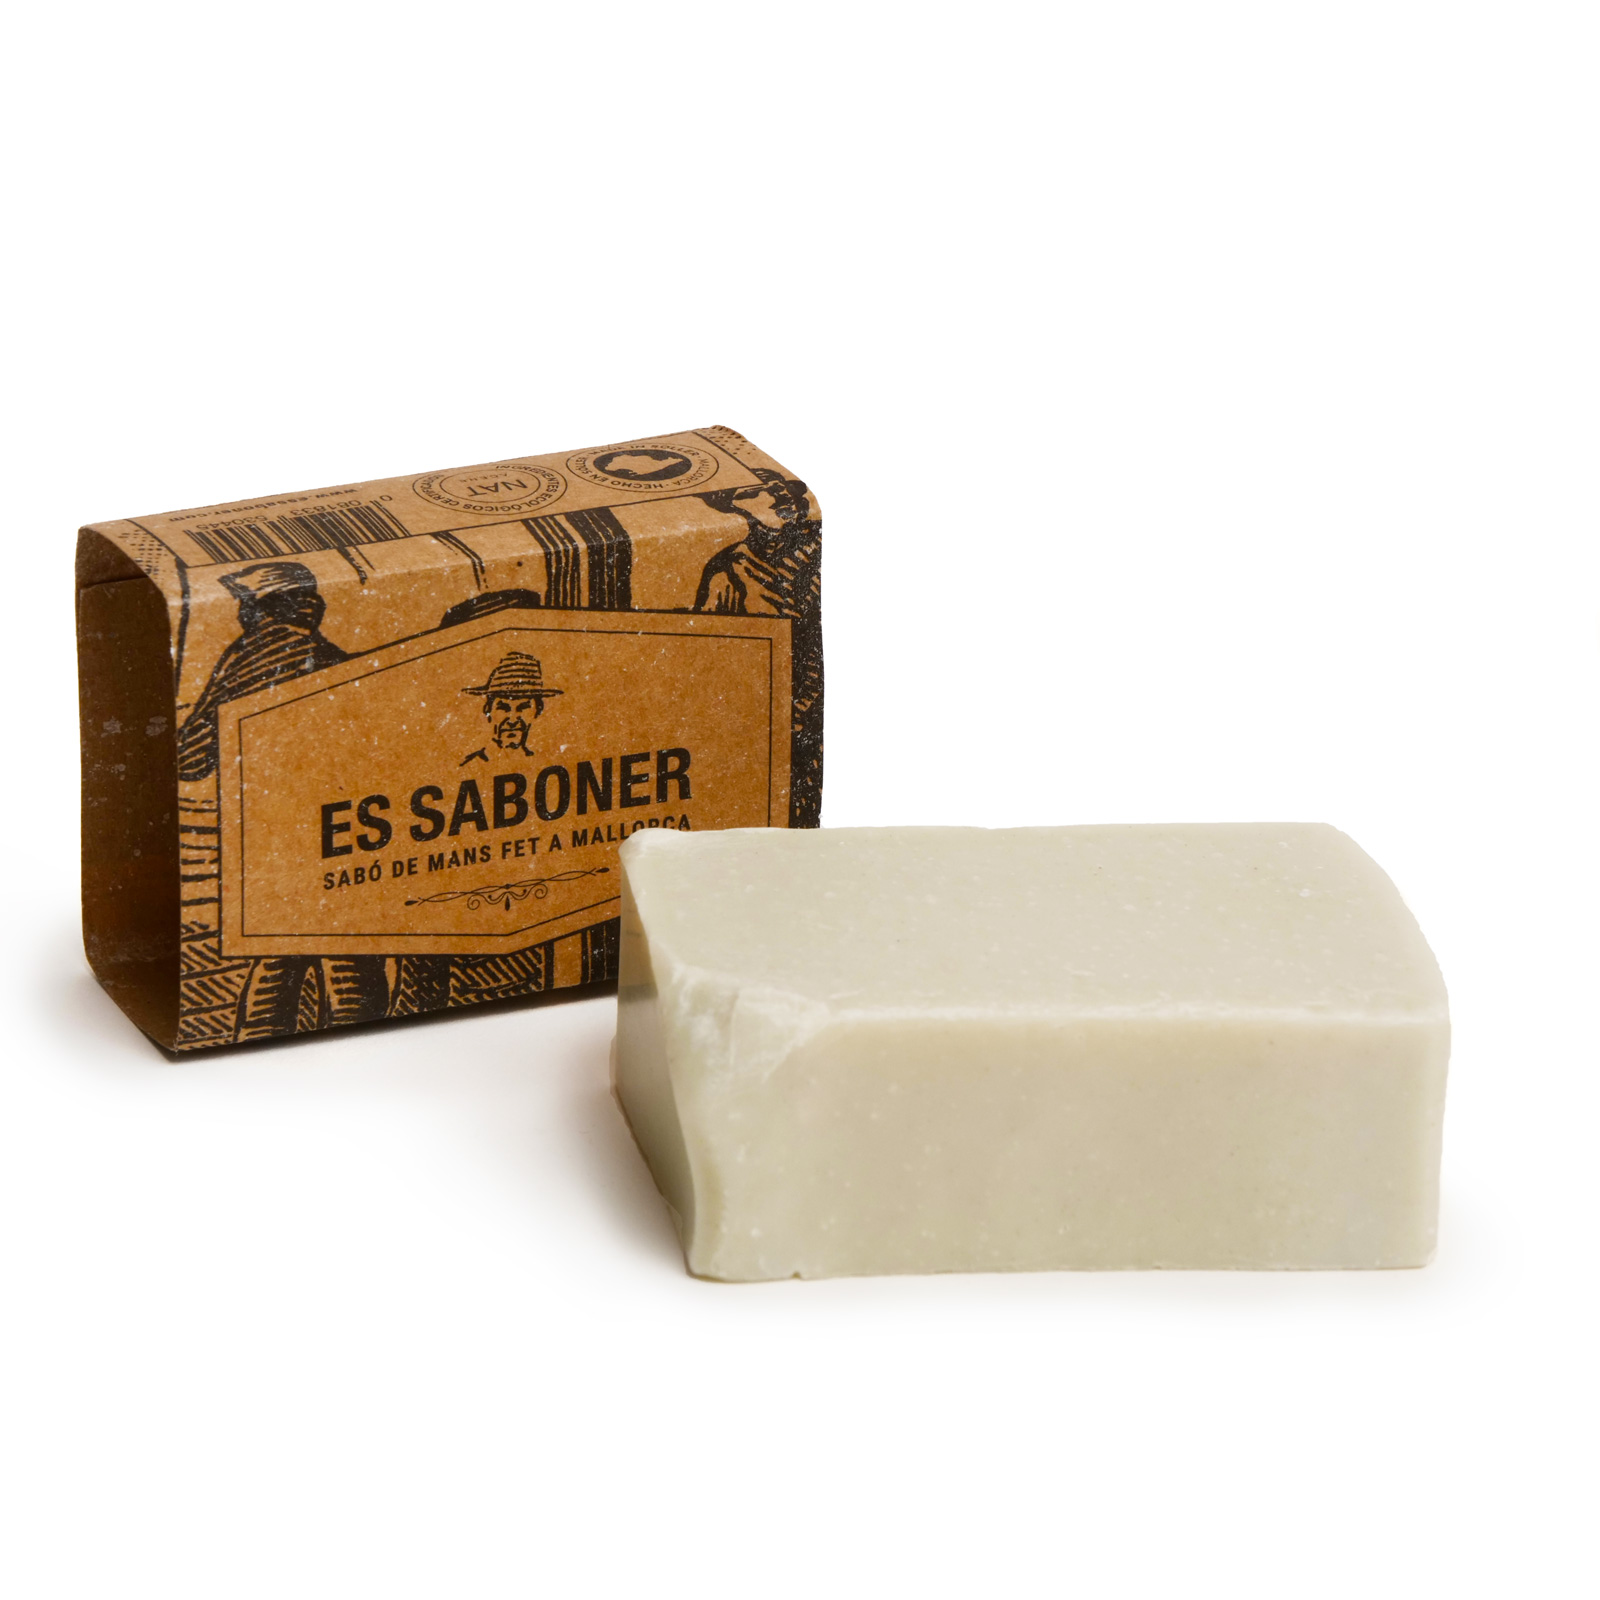 Savon Es Saboner